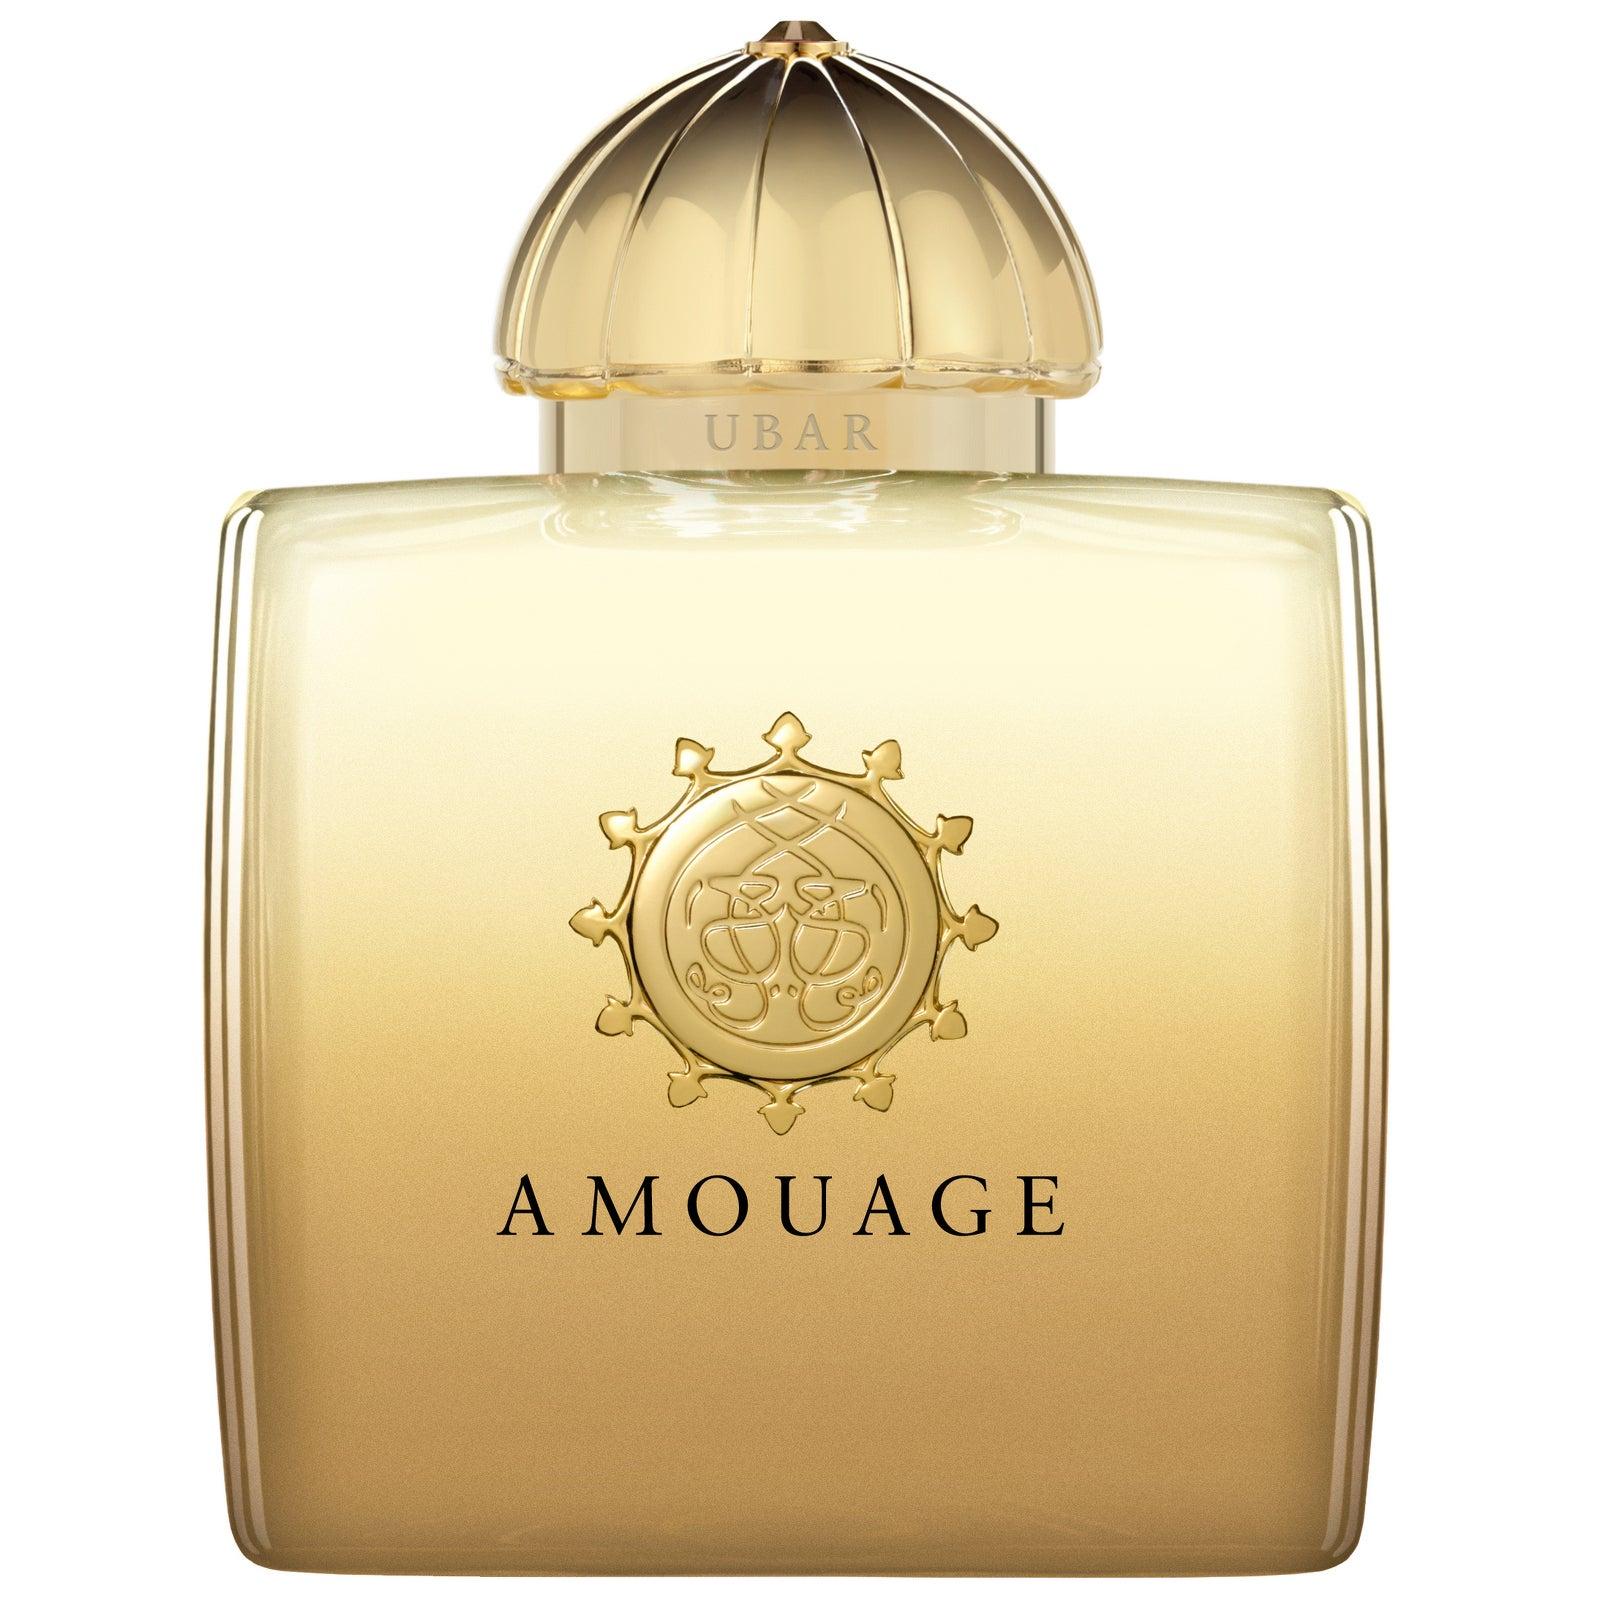 Amouage Ubar Women's Perfume